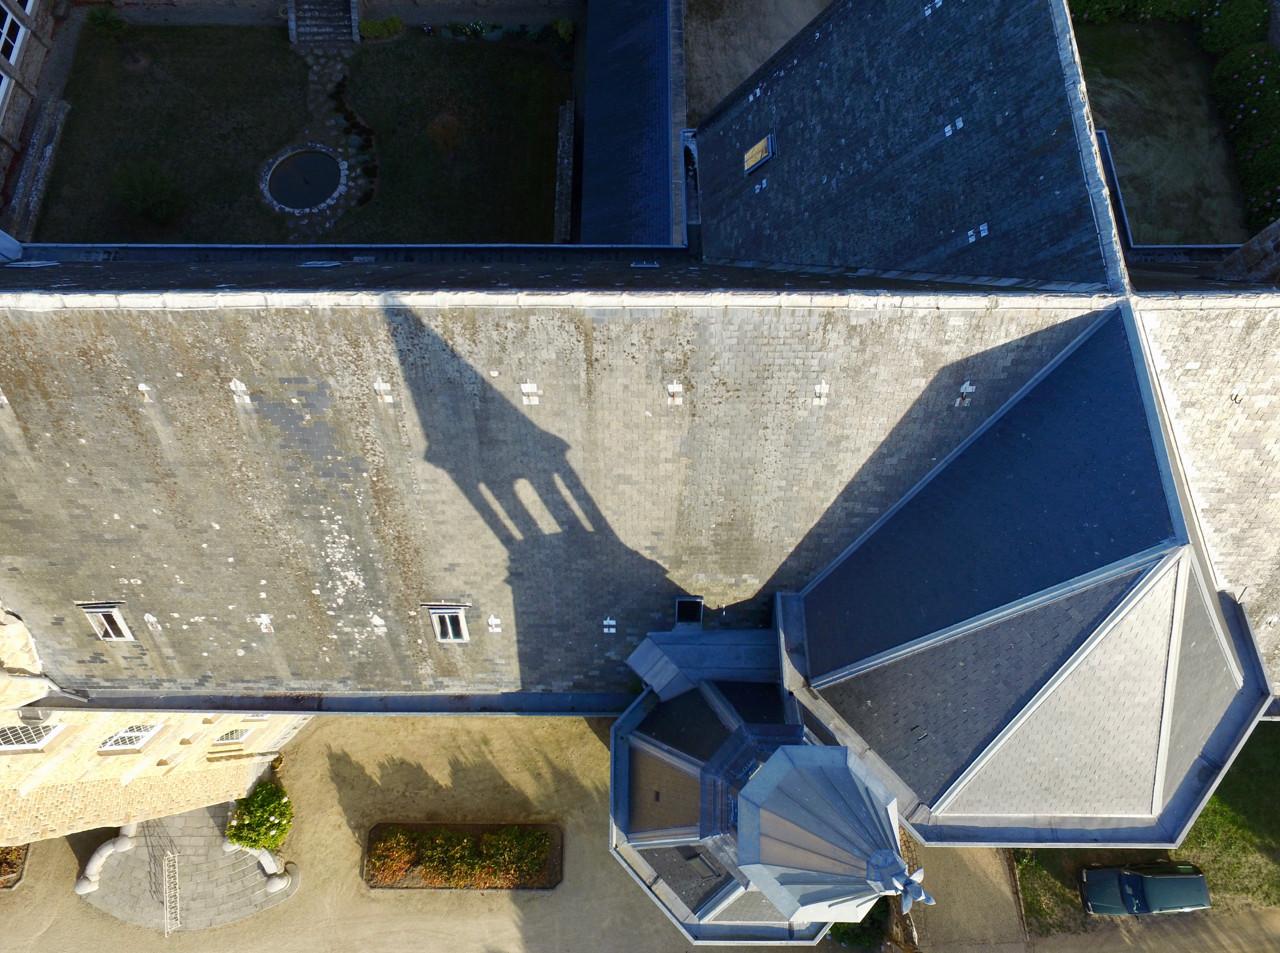 FlyUp Drone-Toiture-03.jpg